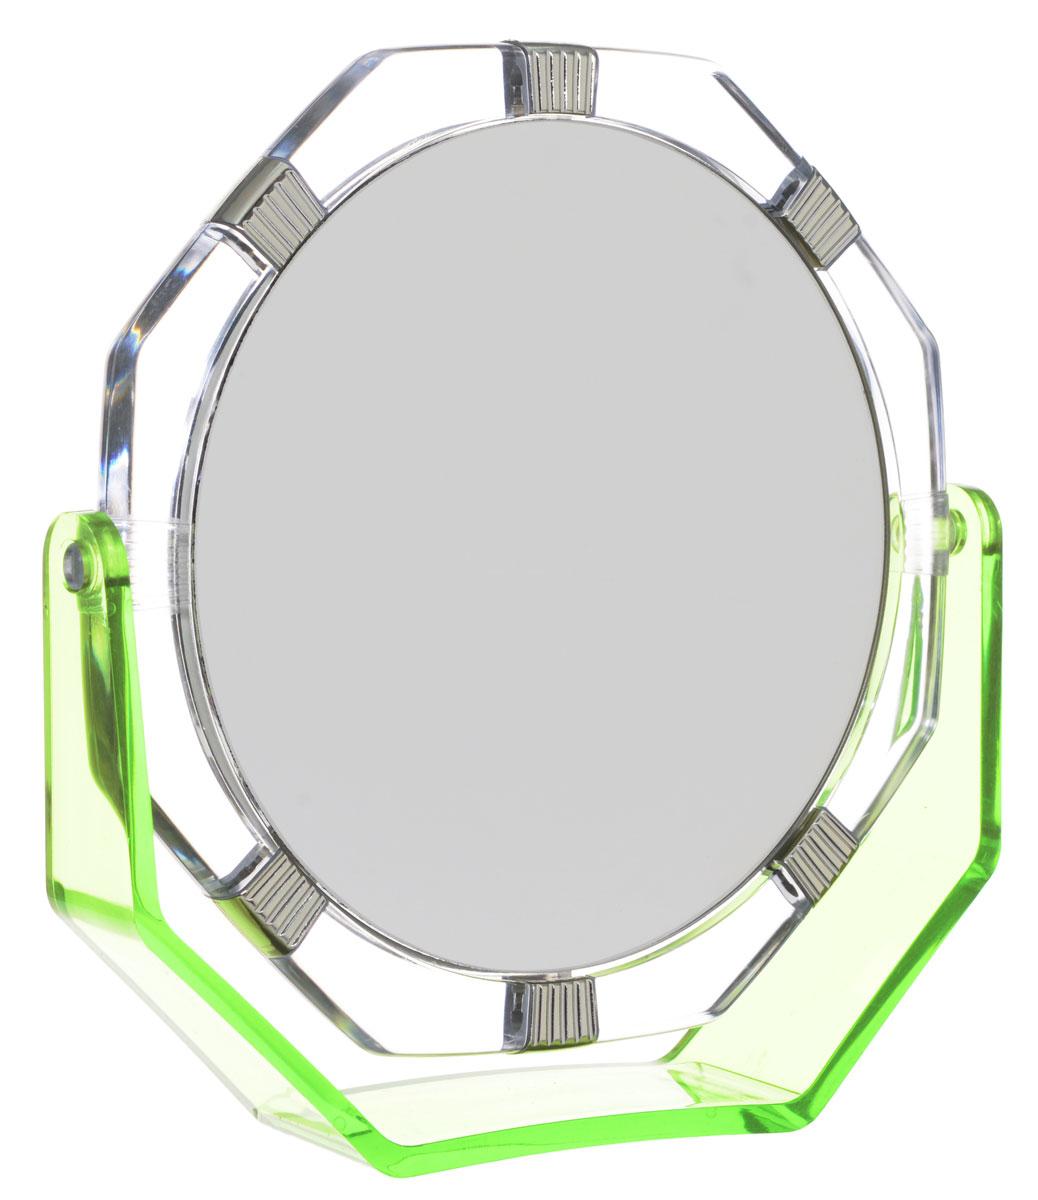 Зеркало Beiron 1138 настольное, двустороннее, d 17, 5см, x21407МЗеркало Beiron 1138 настольное, двустороннее, d 17, 5см, x2